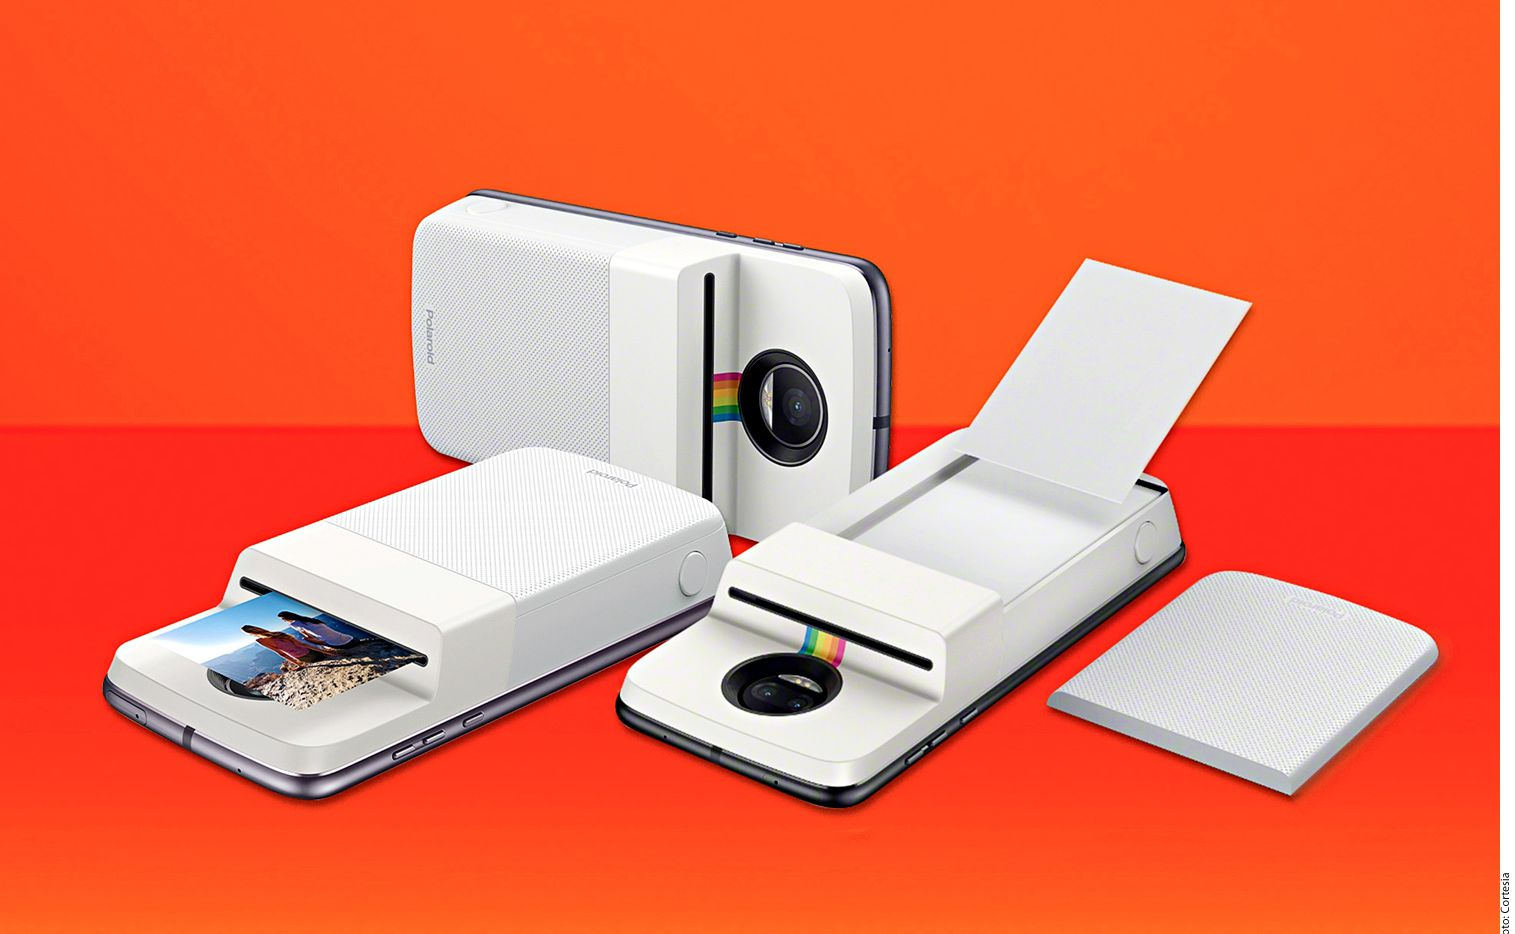 El Insta-Share Printer fue anunciado en noviembre pasado y en Estados Unidos cuesta 150 dólares. AGENCIA REFORMA